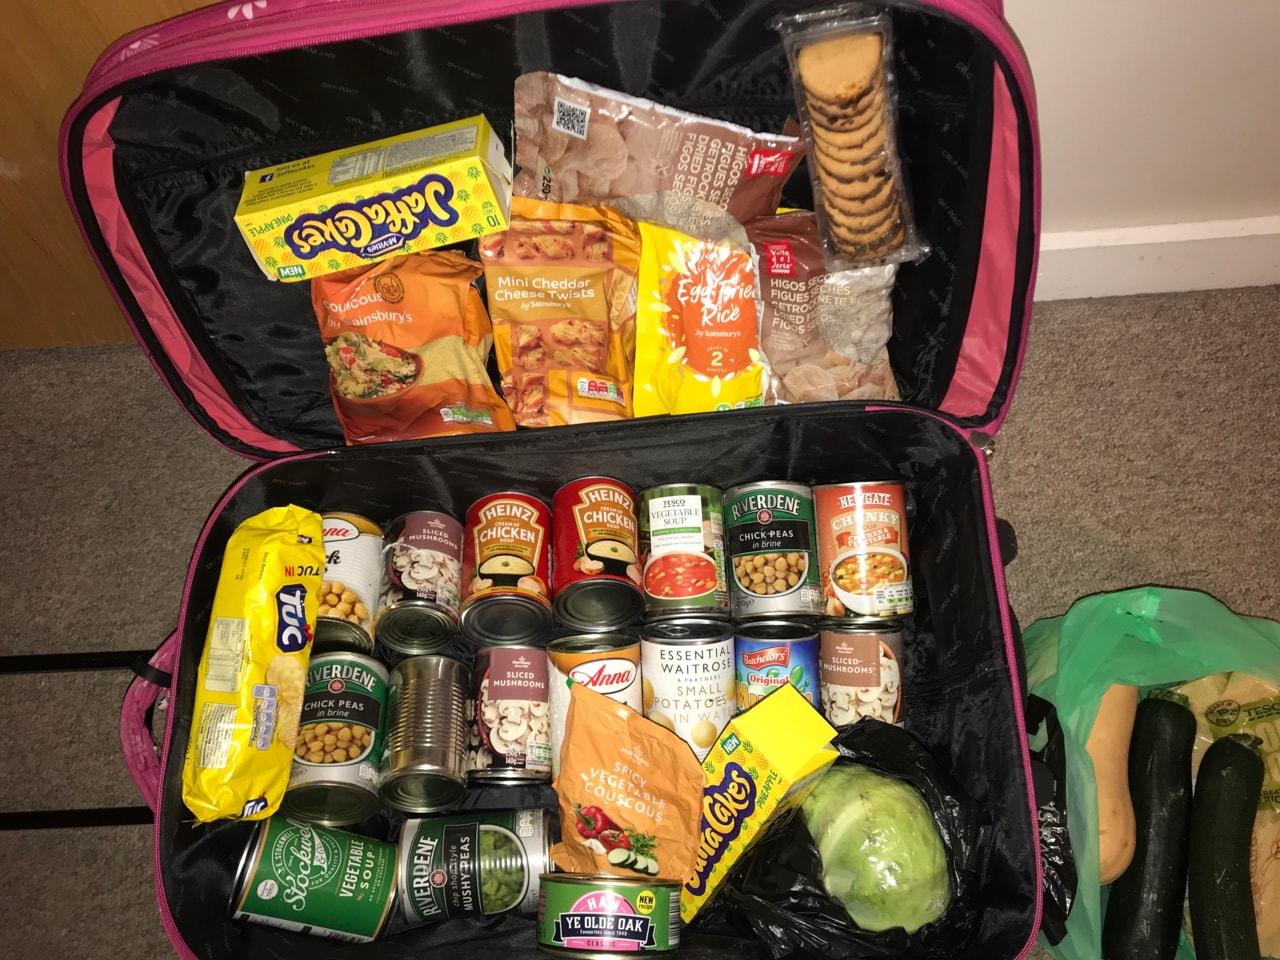 Random food items